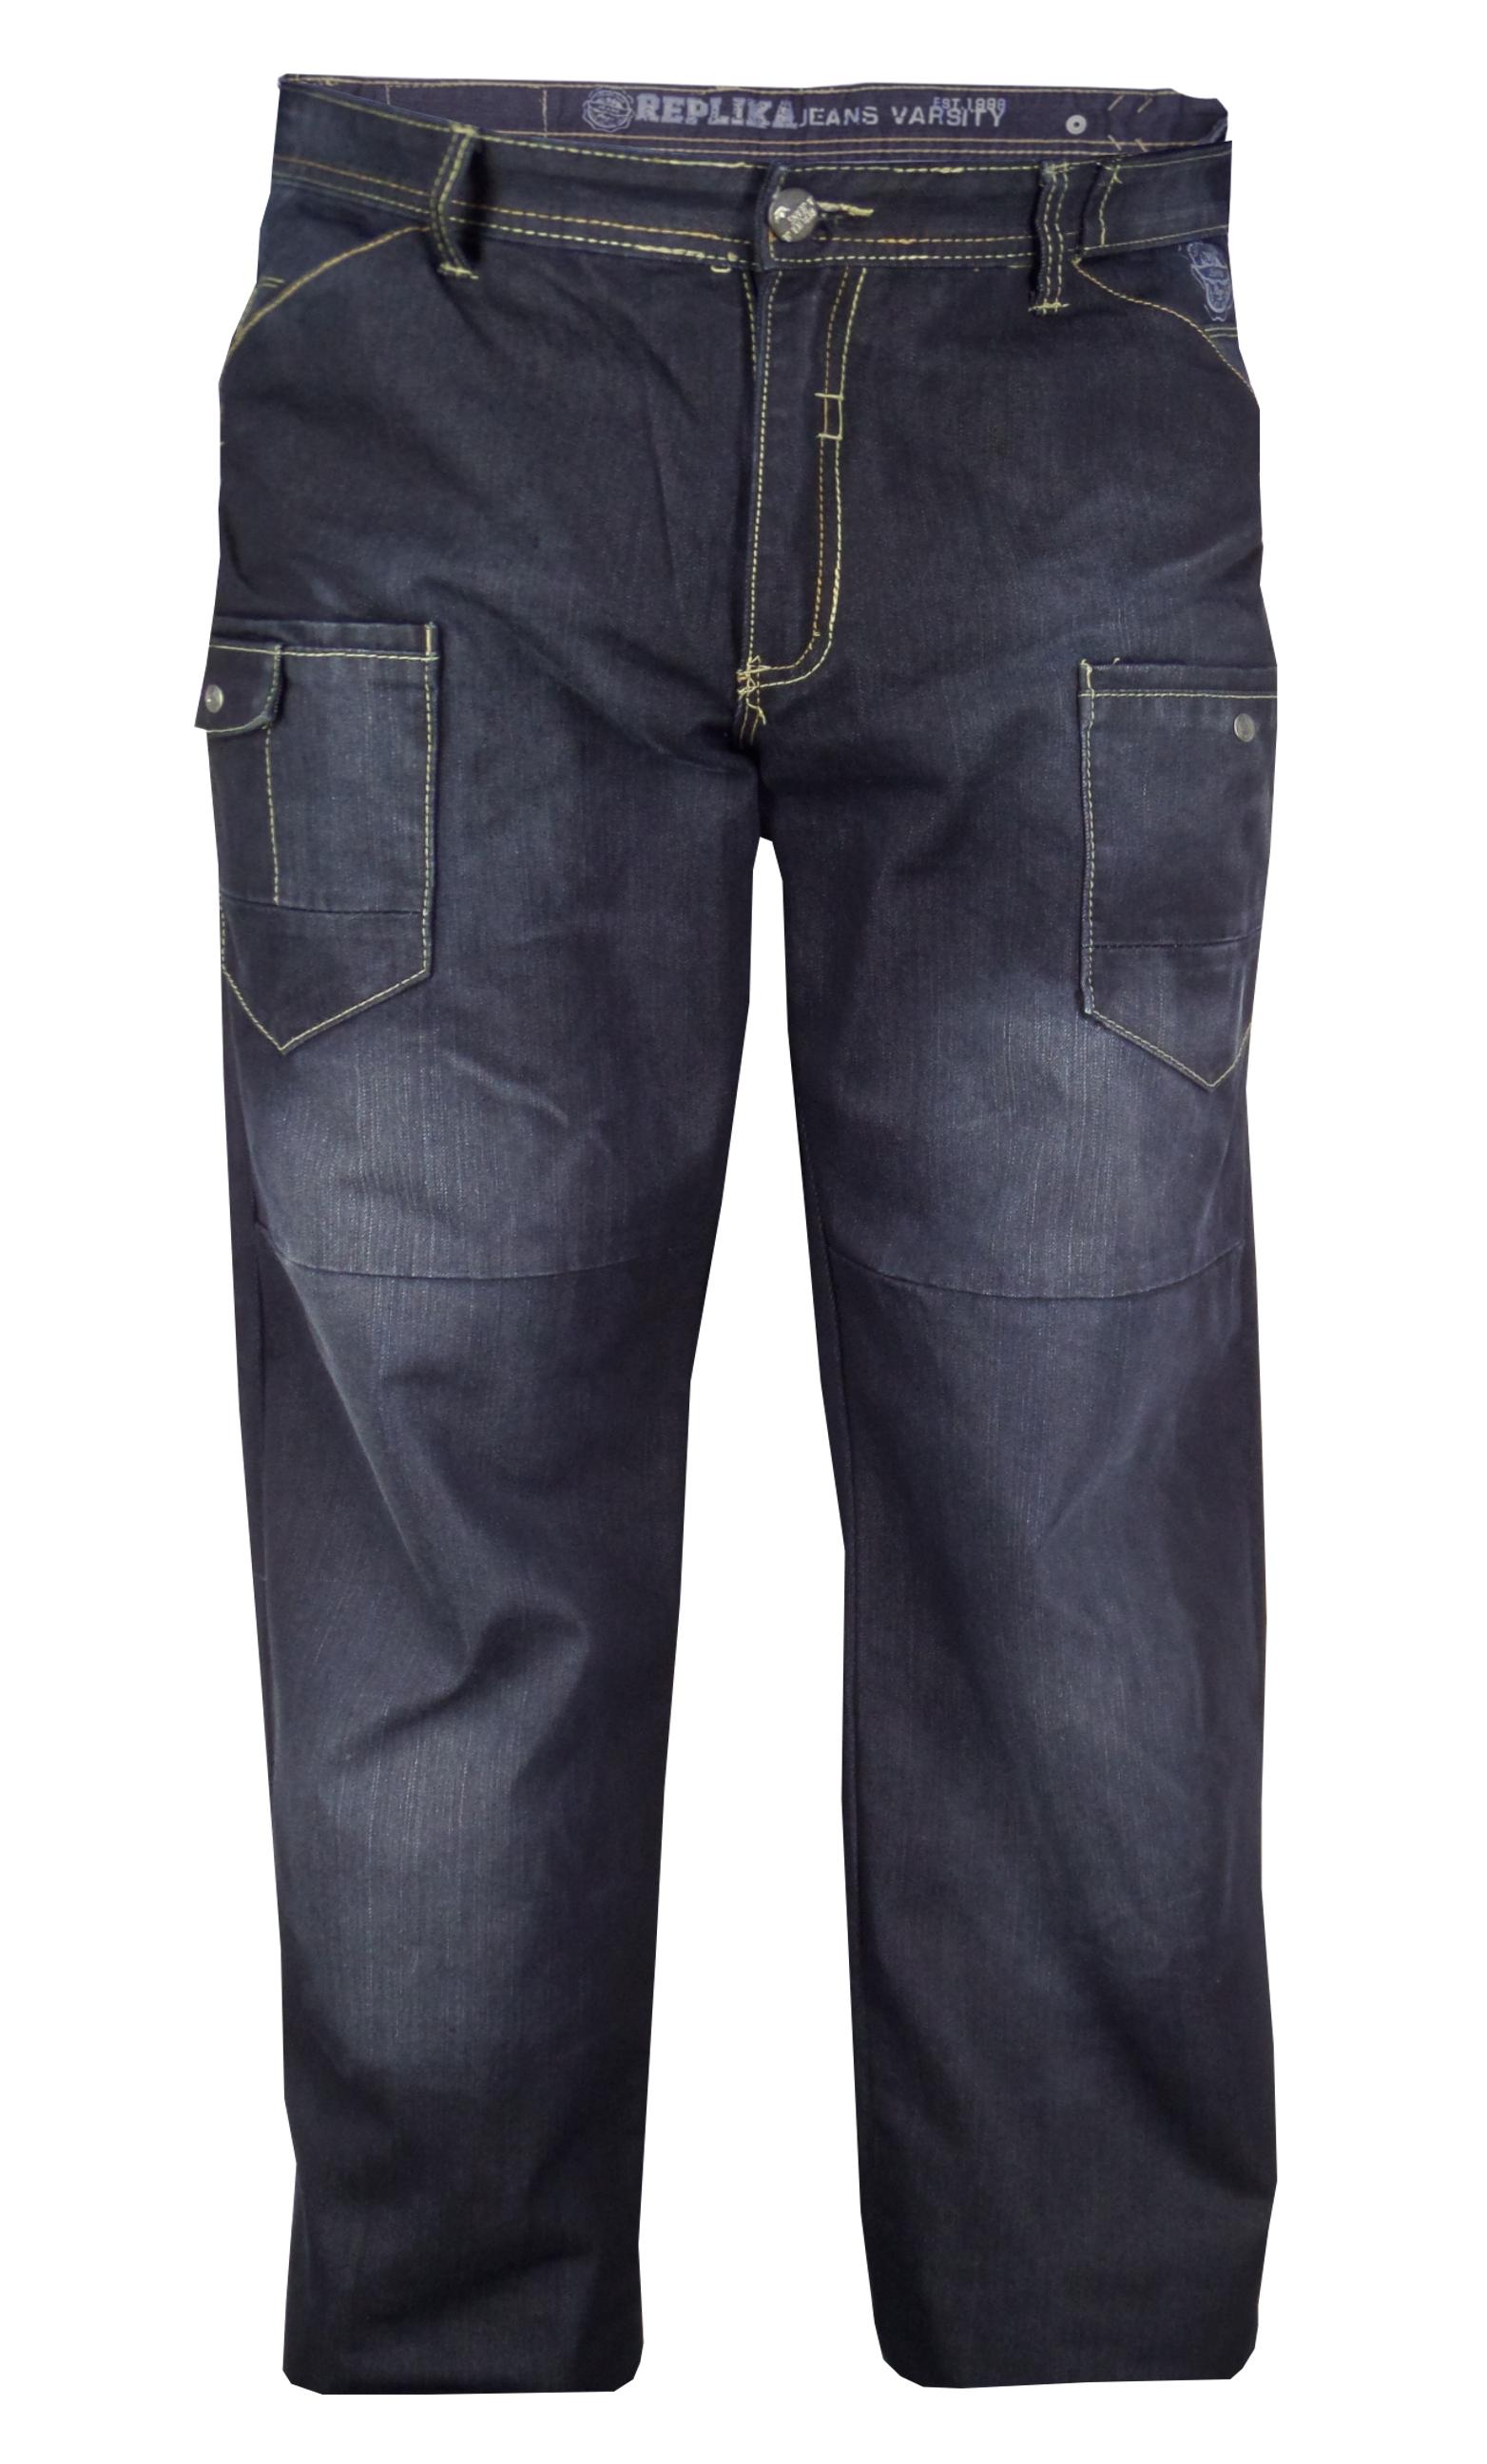 Replika jeans met ritssluiting, 2 steekzakken en 2 opgezette zakken, waarvan 1 met kleingeldzakje op de voorkant. Dubbele zakken op de achterkant waarvan de onderste met een ritssluiting is uitgevoerd. Sierband met drukknoop in de linkerzij en logo op de rechterachterkant.